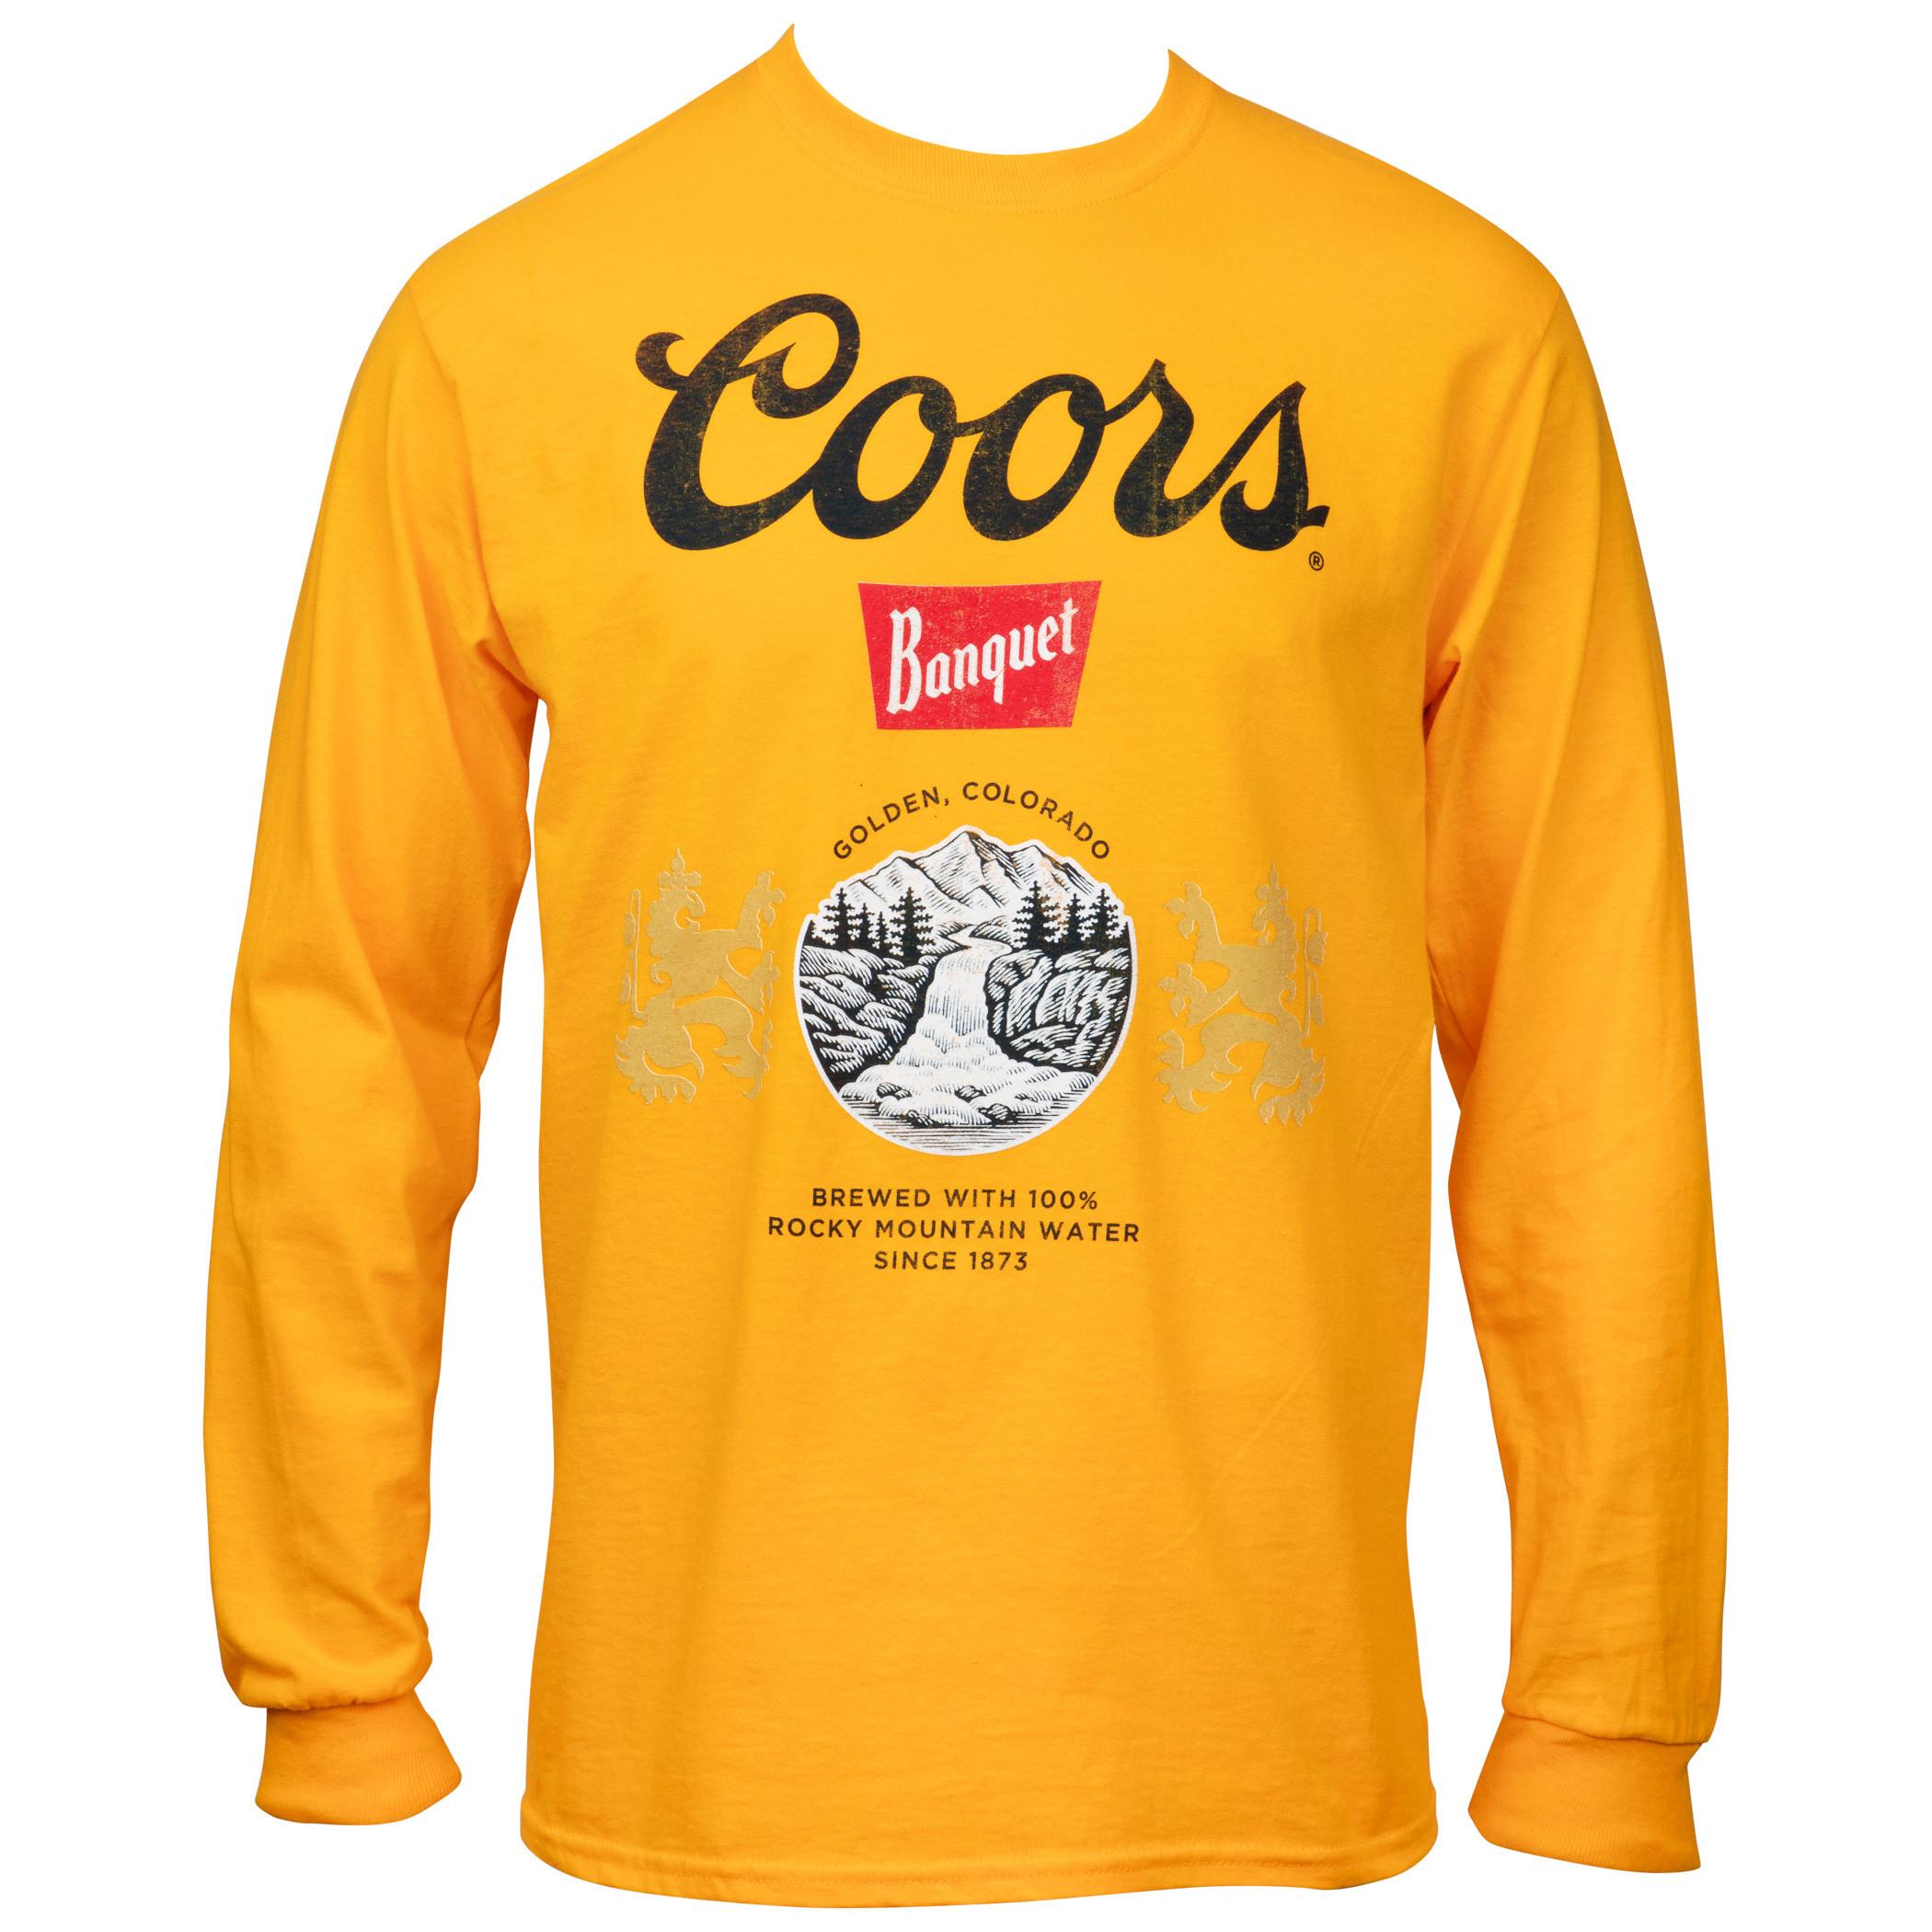 Coors Beer Banquet Gold Long Sleeve Shirt